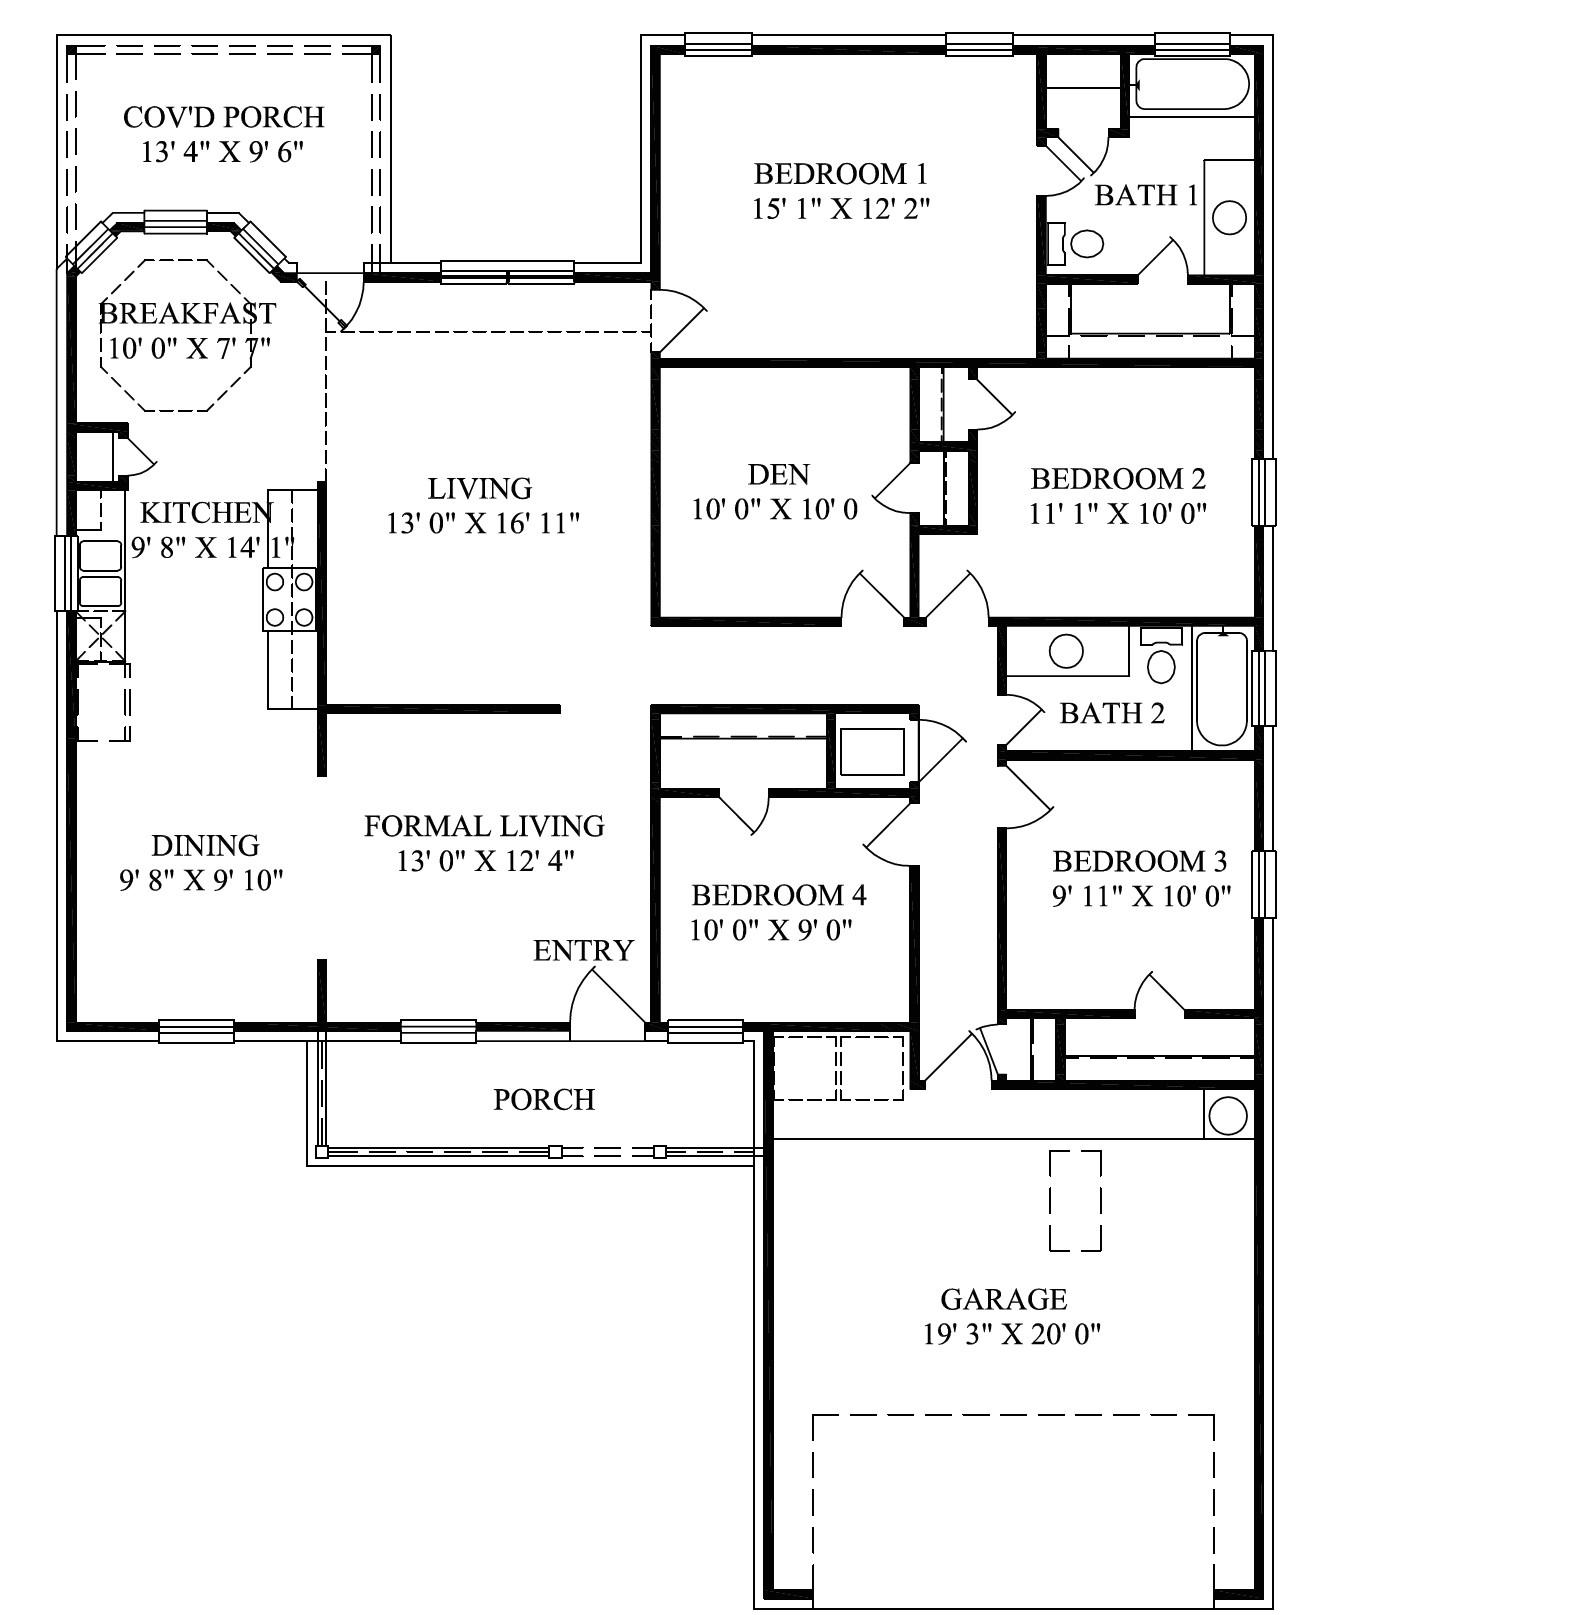 Mercedes Homes Floor Plans Florida Mercedes Homes Floor Plans Florida